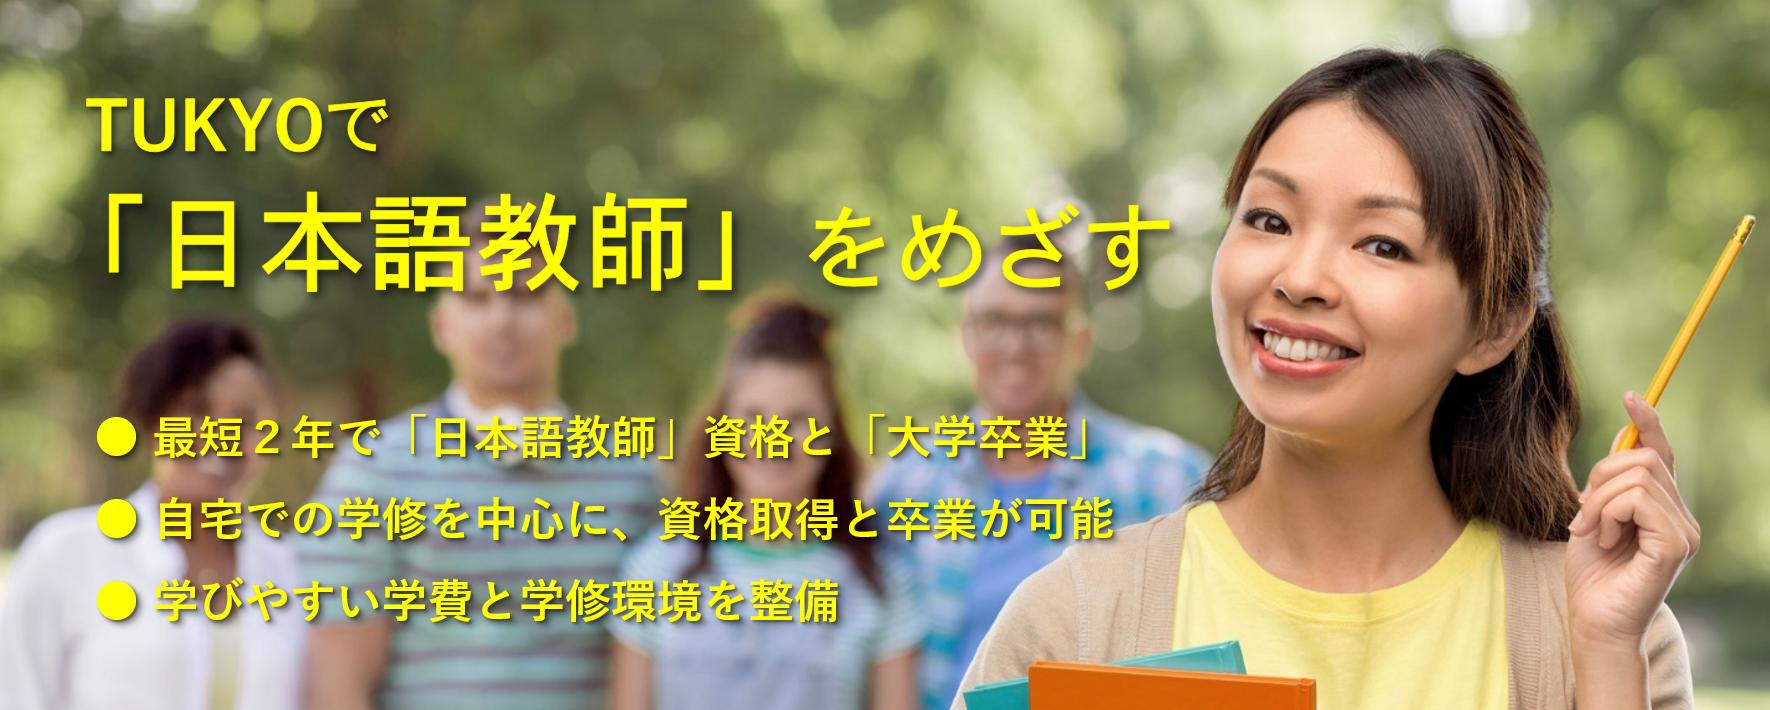 ポータル 創価 大学 サイト 通信